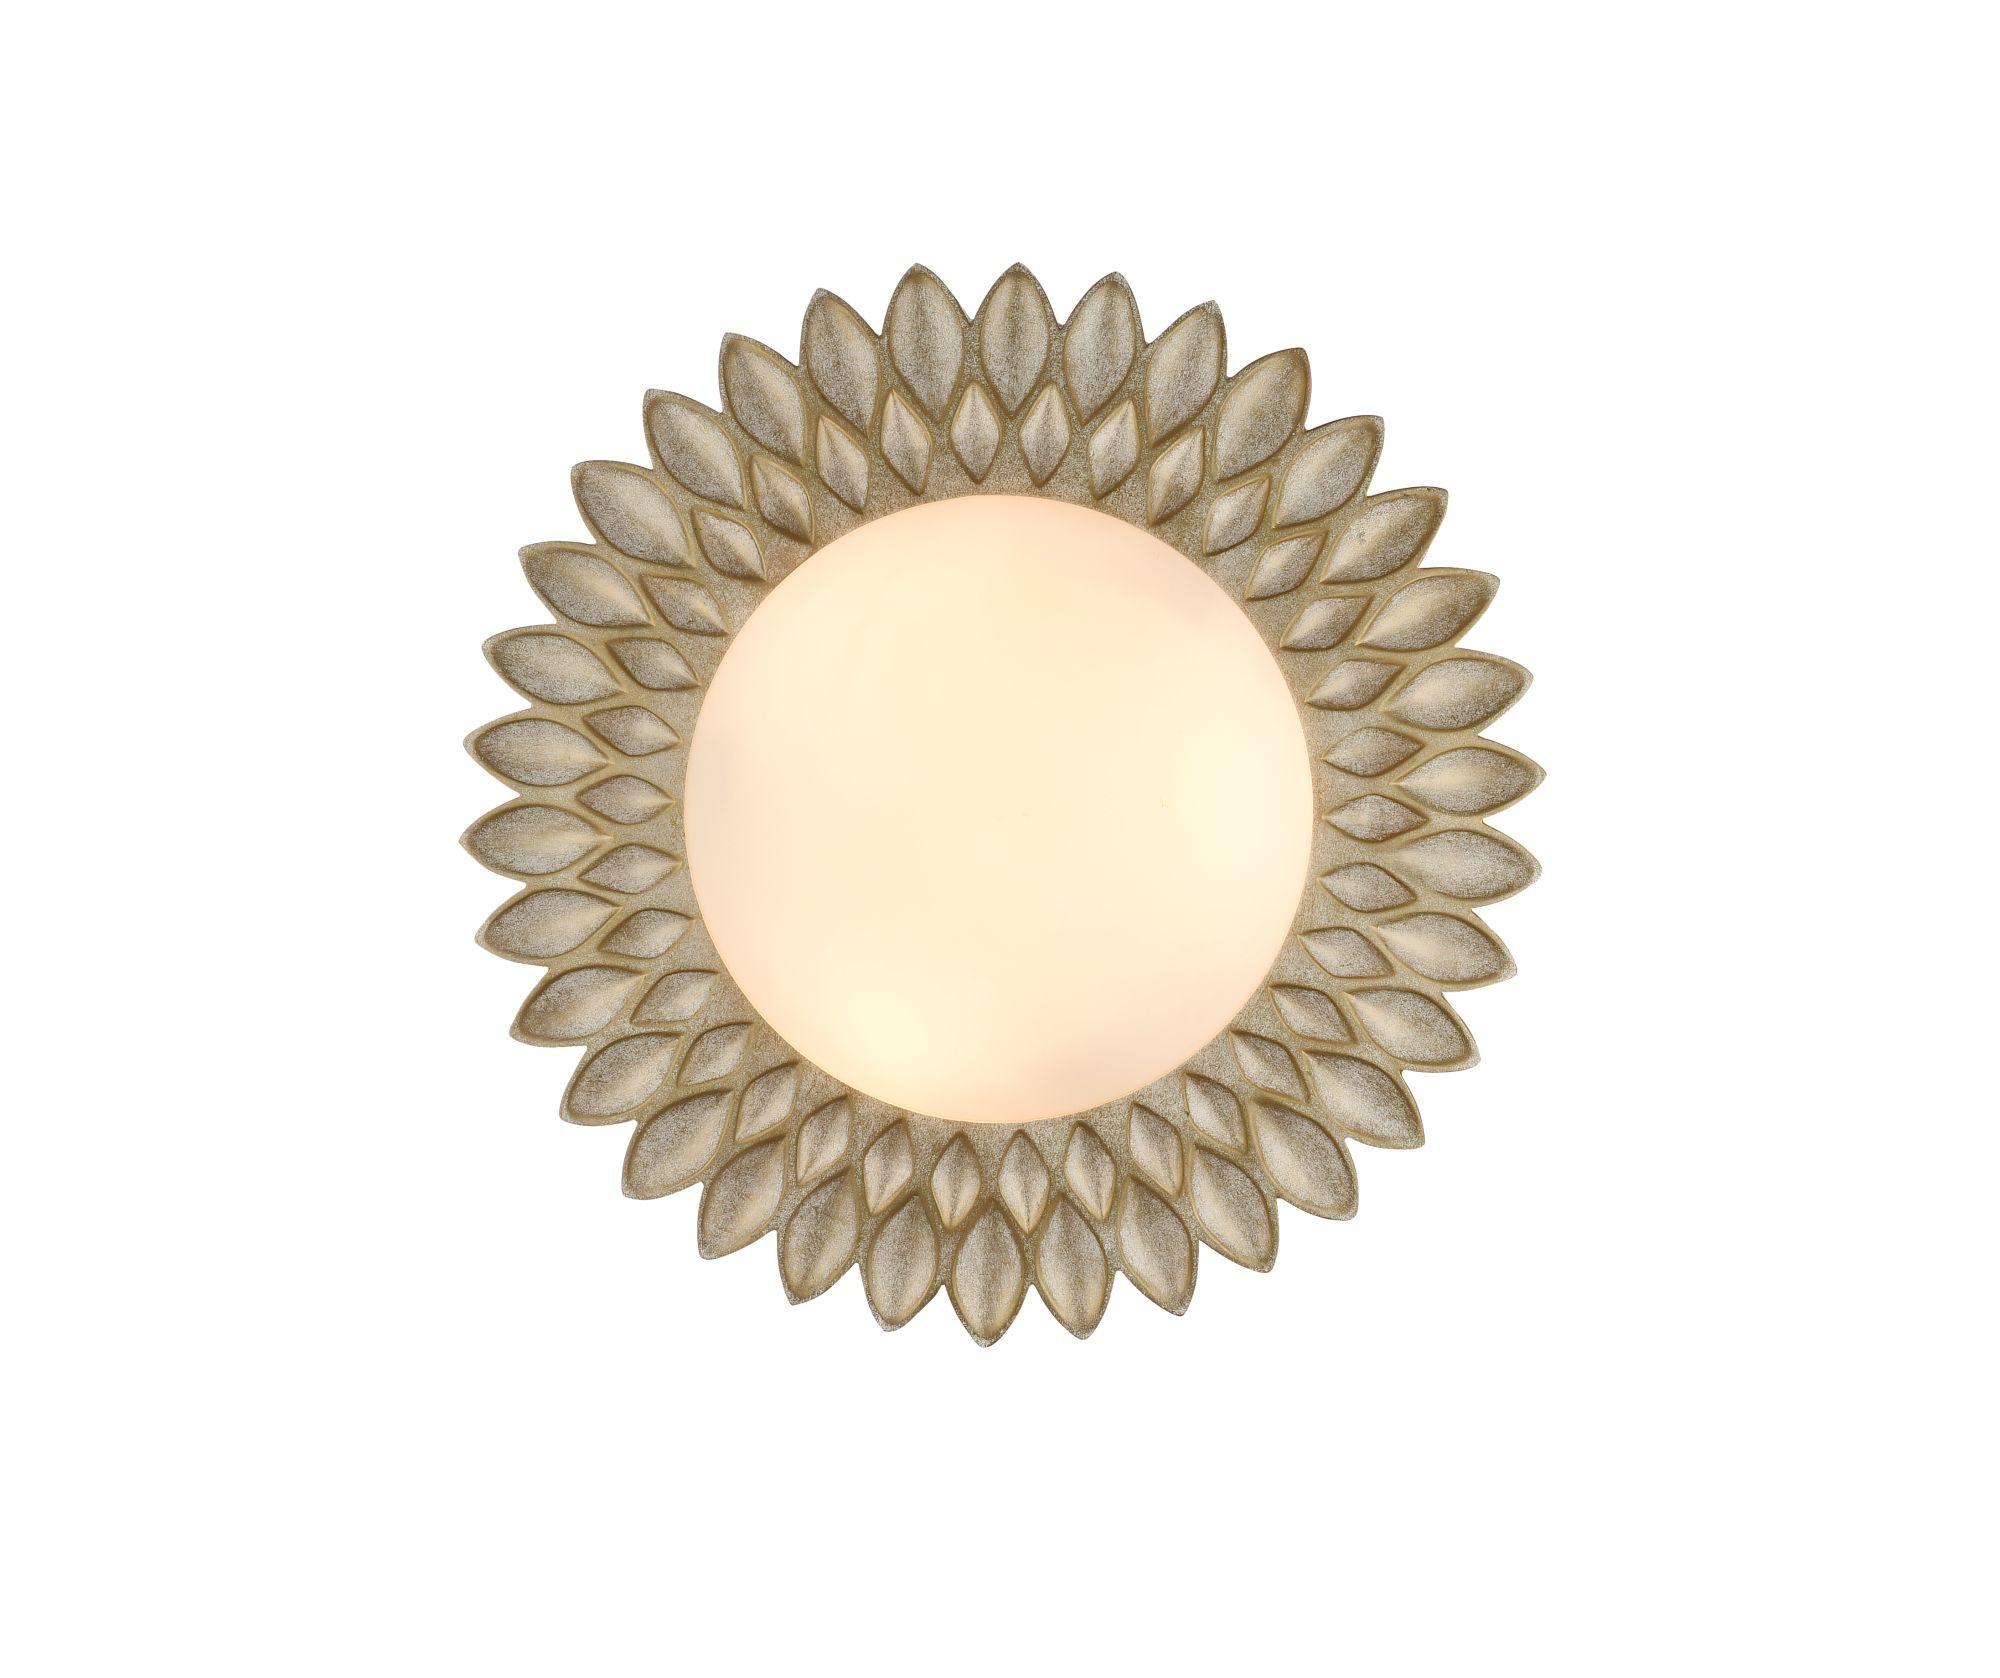 Потолочный светильник Maytoni Lamar H301-03-G, 3xE14x40W, бежевый, белый, металл, стекло - фото 2